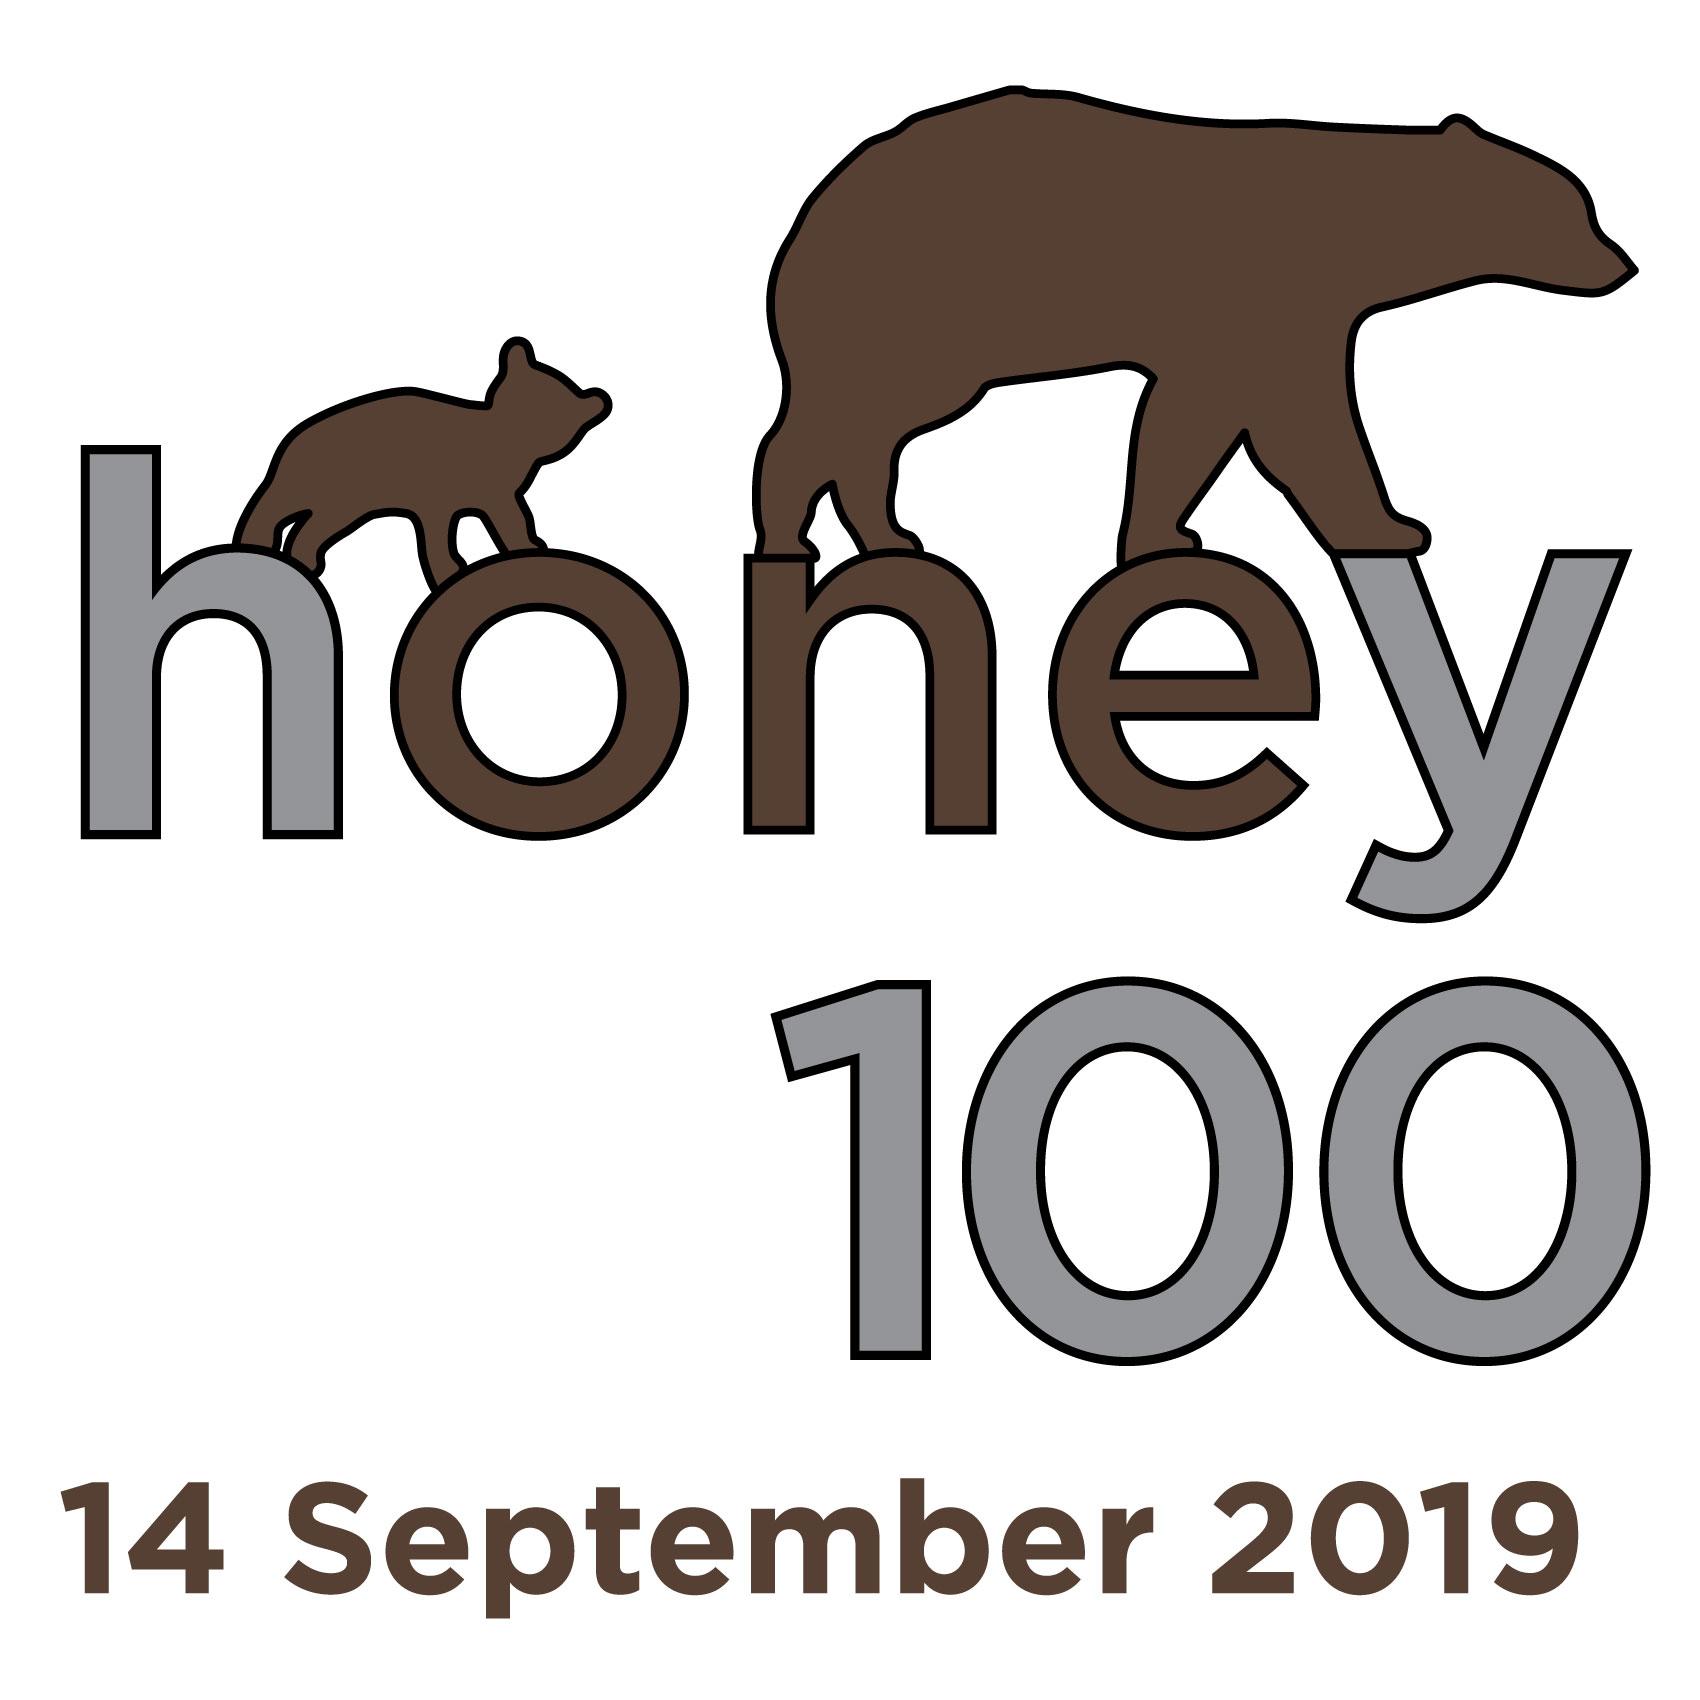 Honey-100-logo-square-190603.jpg